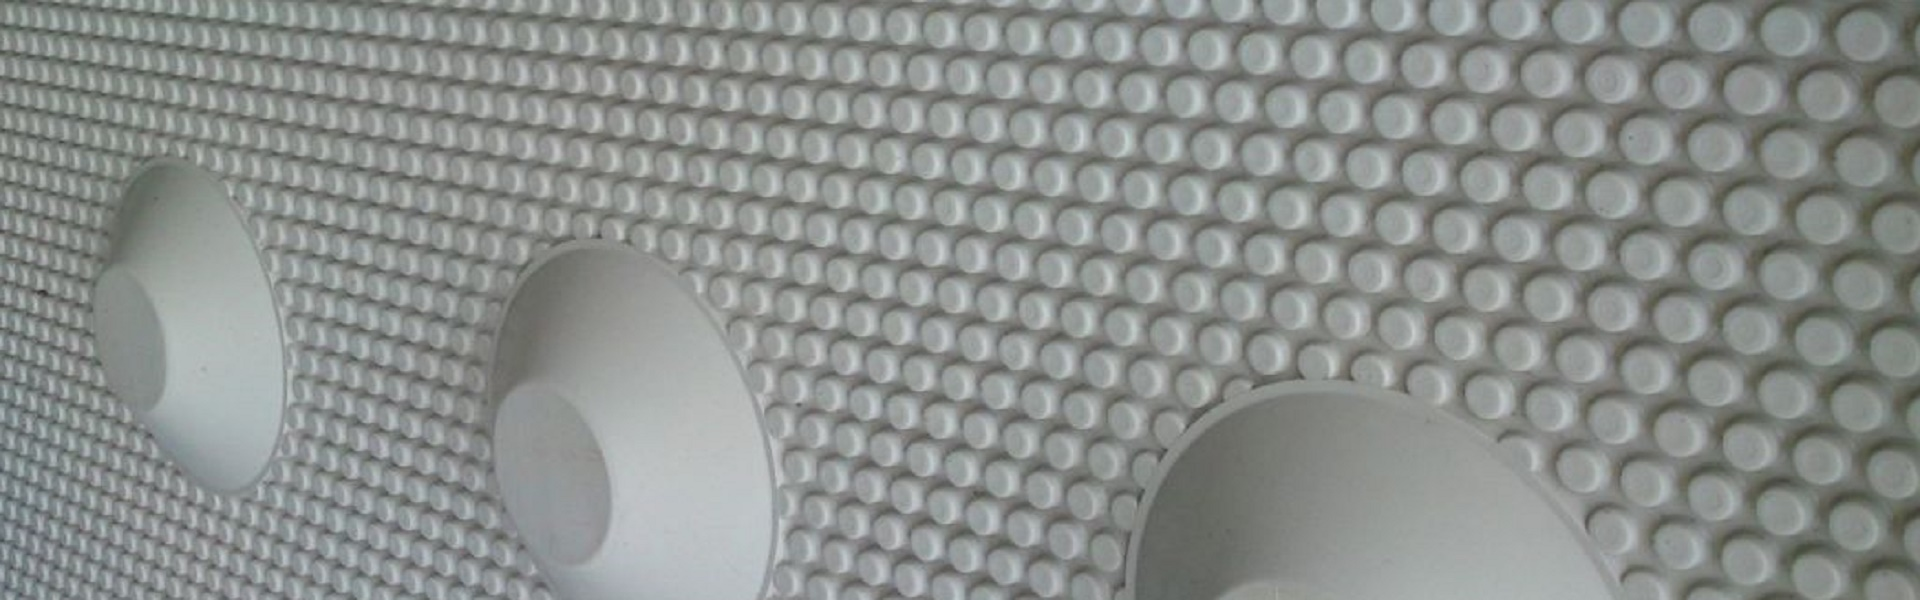 Detail der Filterplatte